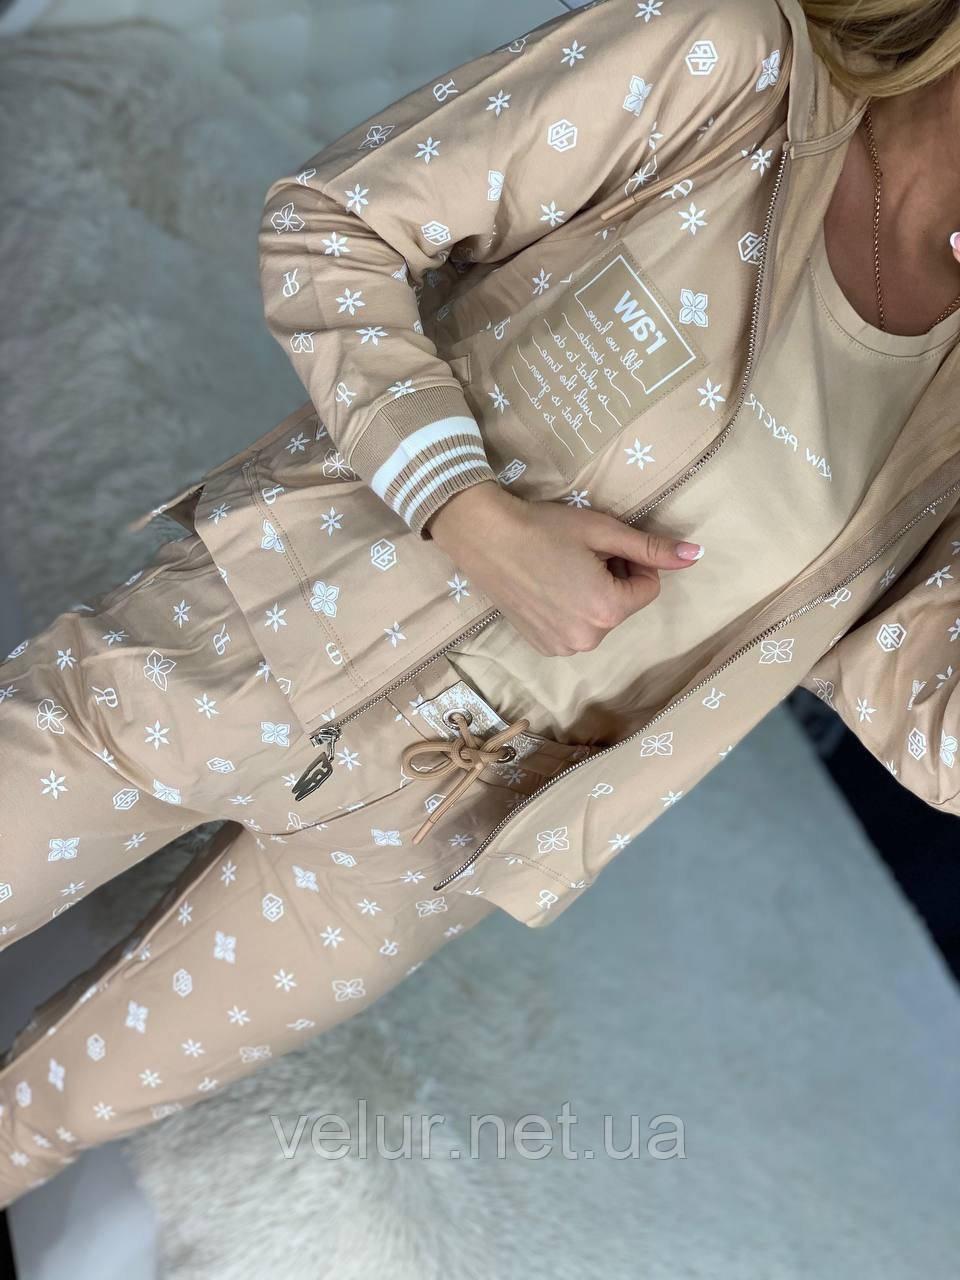 Женский брендовый спортивный костюм (Турция, RAW); размеры С,М,Л,ХЛ (полномерные), 2 цвета.